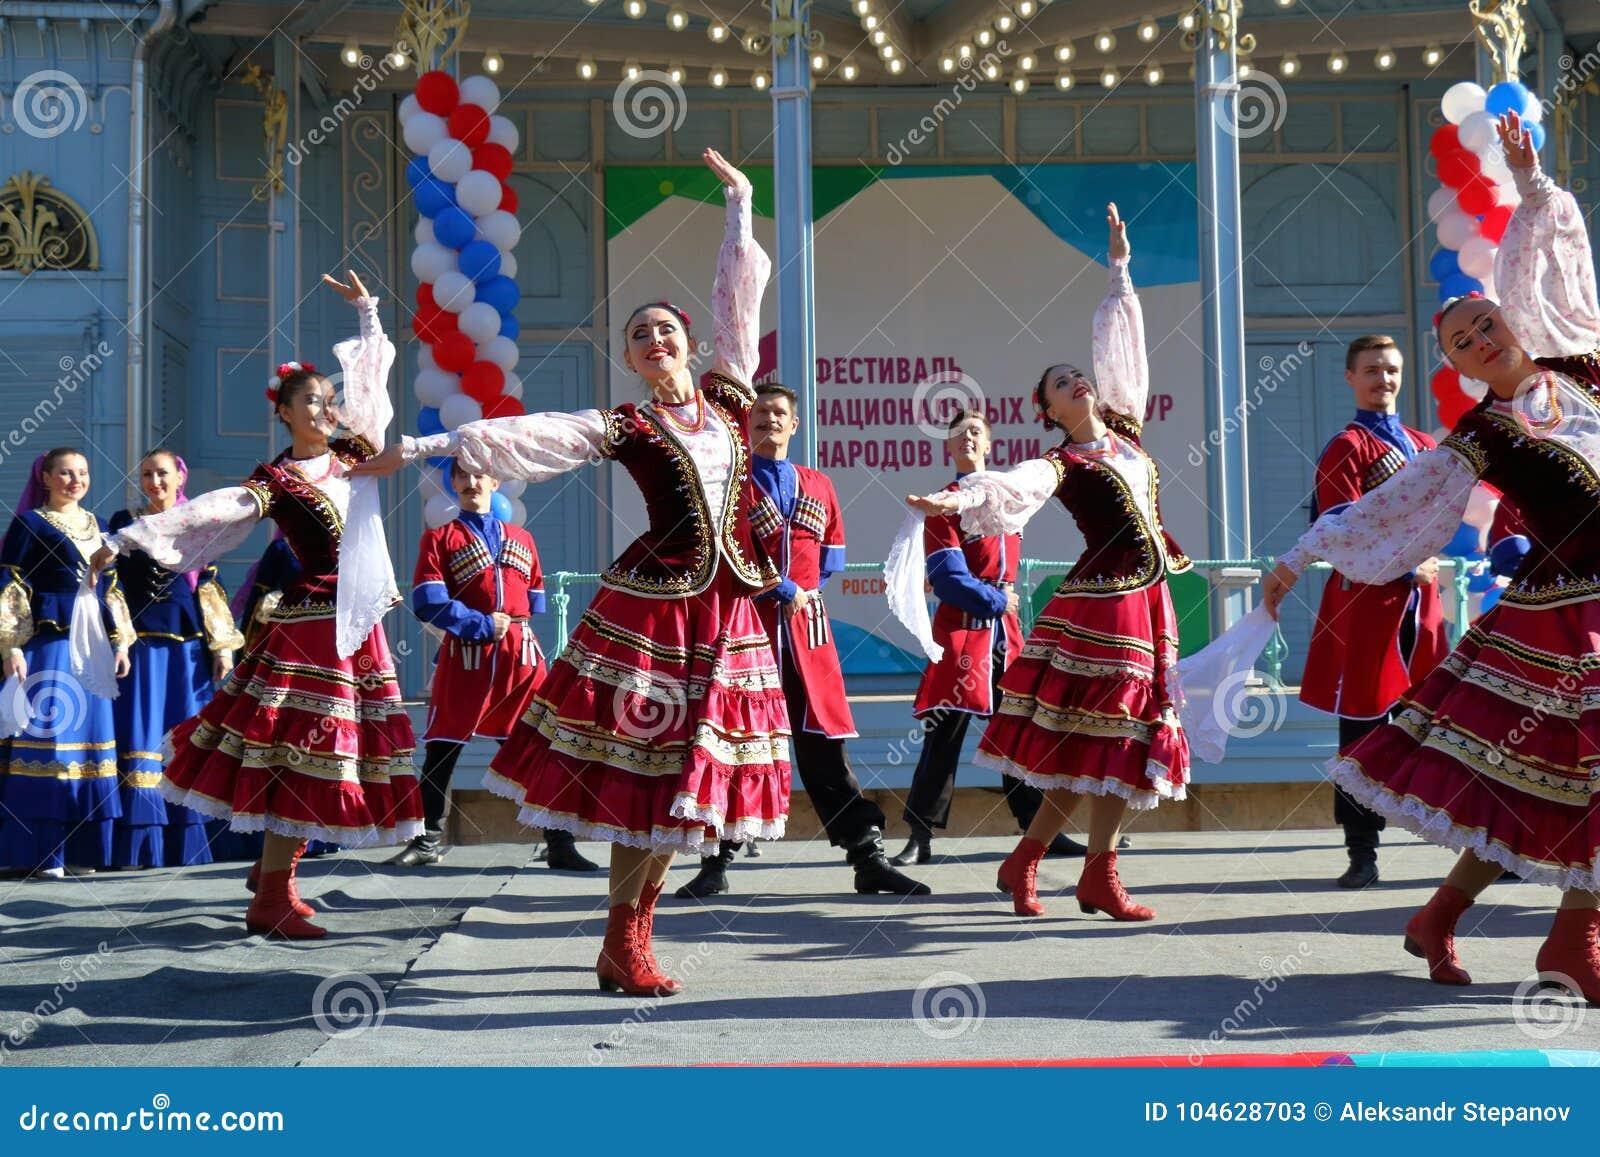 Download De Kozakdans In Traditionele Kleren Pyatigorsk, Rusland Redactionele Stock Foto - Afbeelding bestaande uit mens, russisch: 104628703